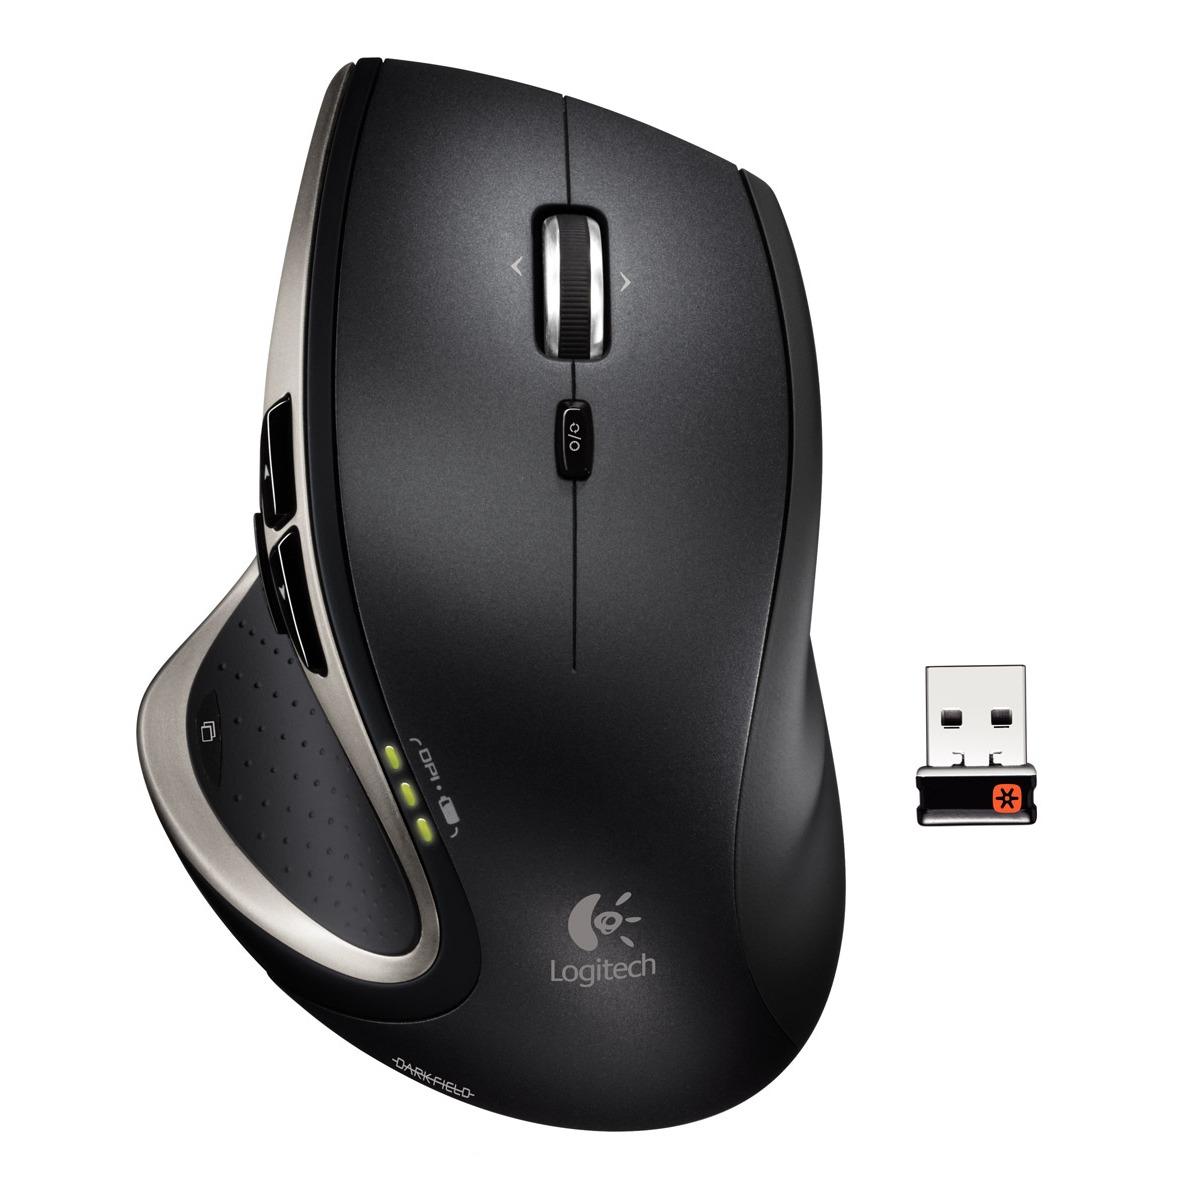 Souris PC Logitech Performance Mouse MX Souris sans fil - droitier - capteur laser 835 dpi - 6 boutons